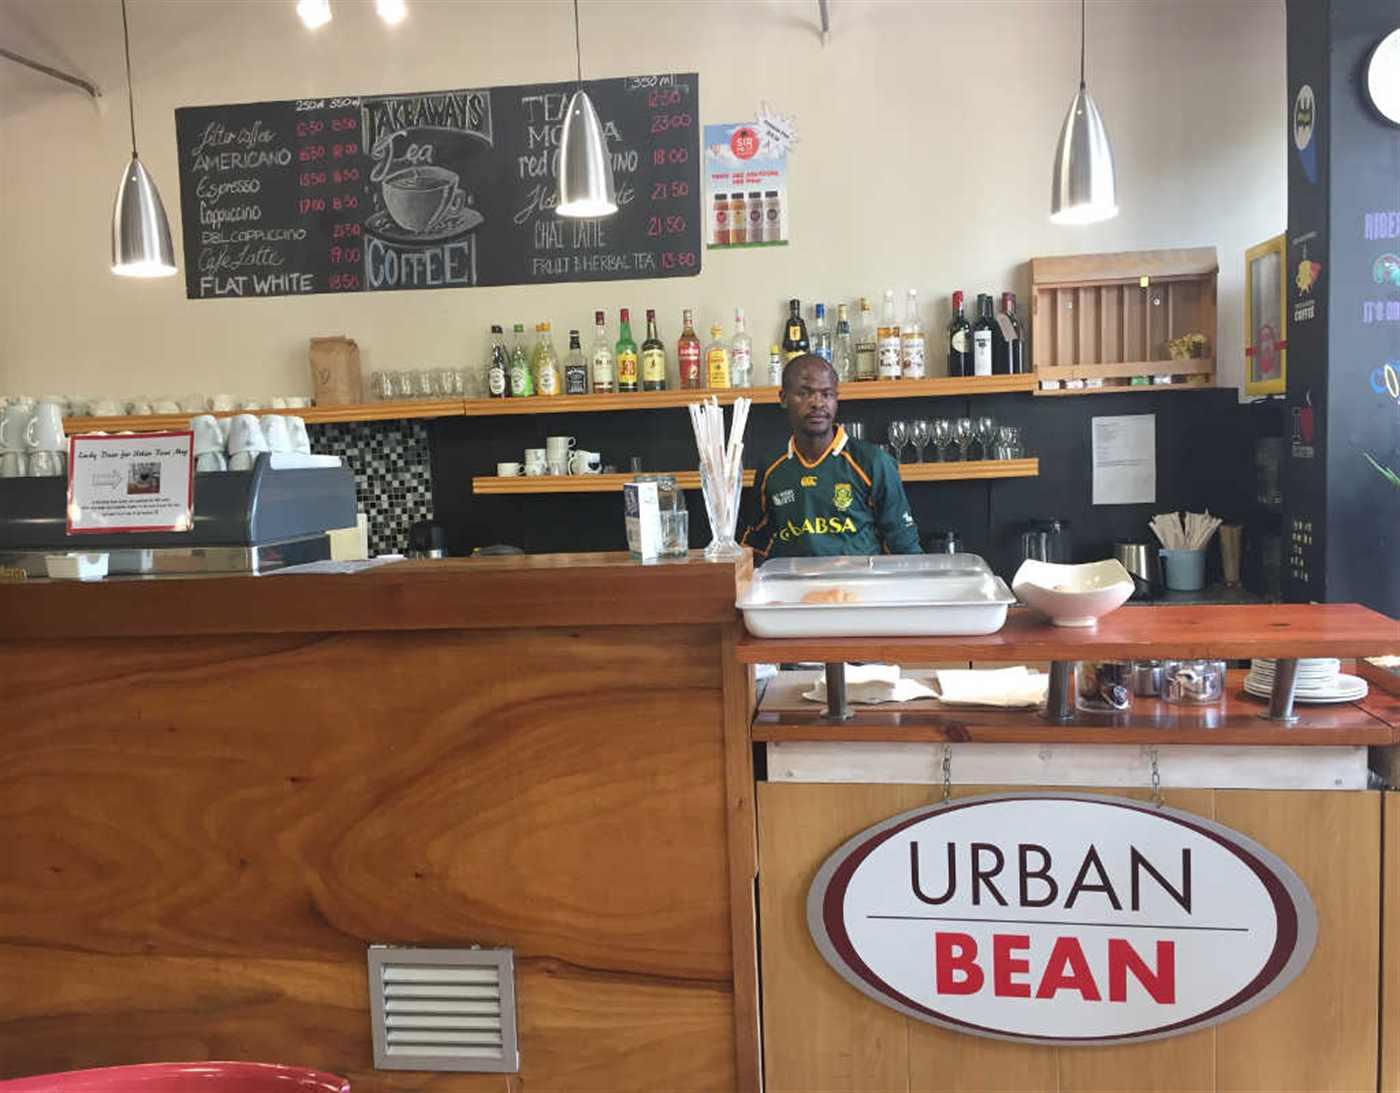 urban bean cafe